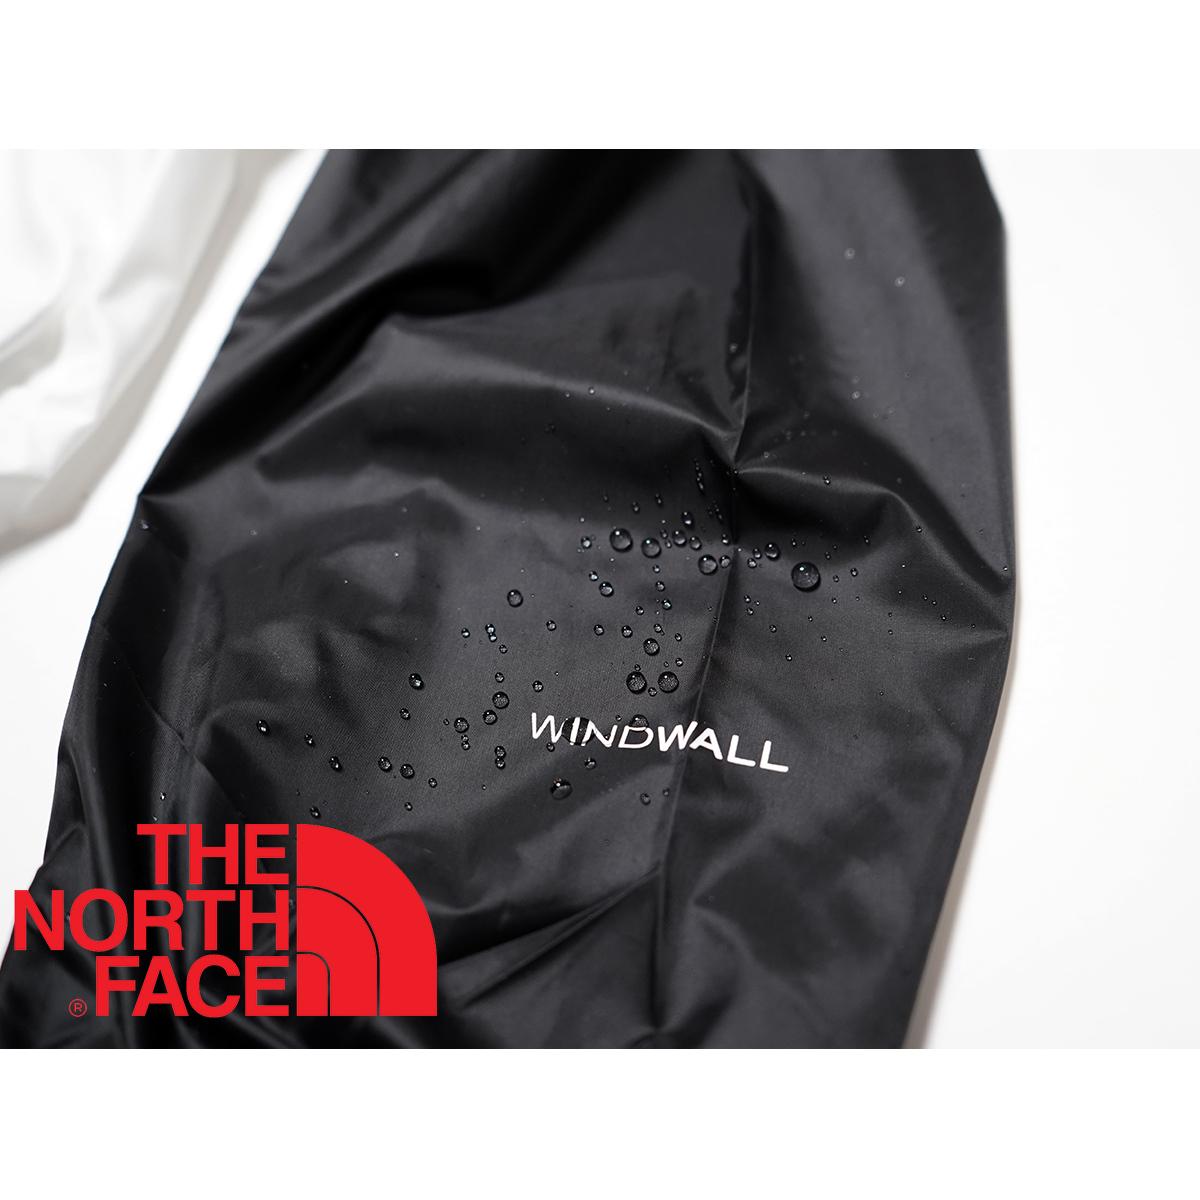 【新品本物 USA購入】THE NORTH FACE ノースフェイス ■ RAGE CYCLONE 2.0 JACKET ■ ホワイトブラック / L ■レイジ 撥水加工 海外限定_画像9